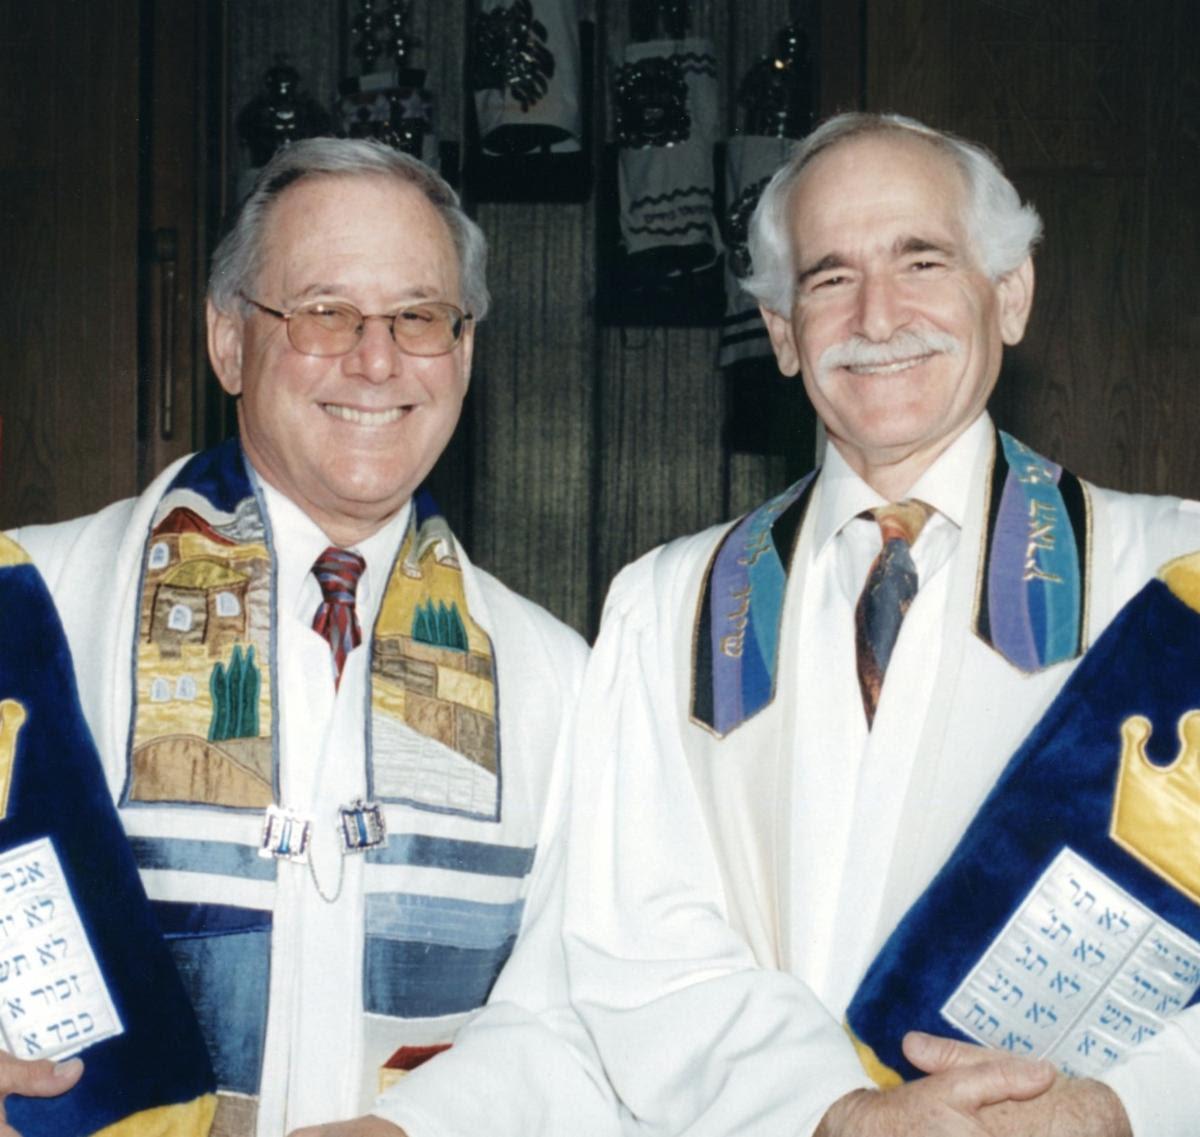 Rabbi Frazin & Cantor Rosen